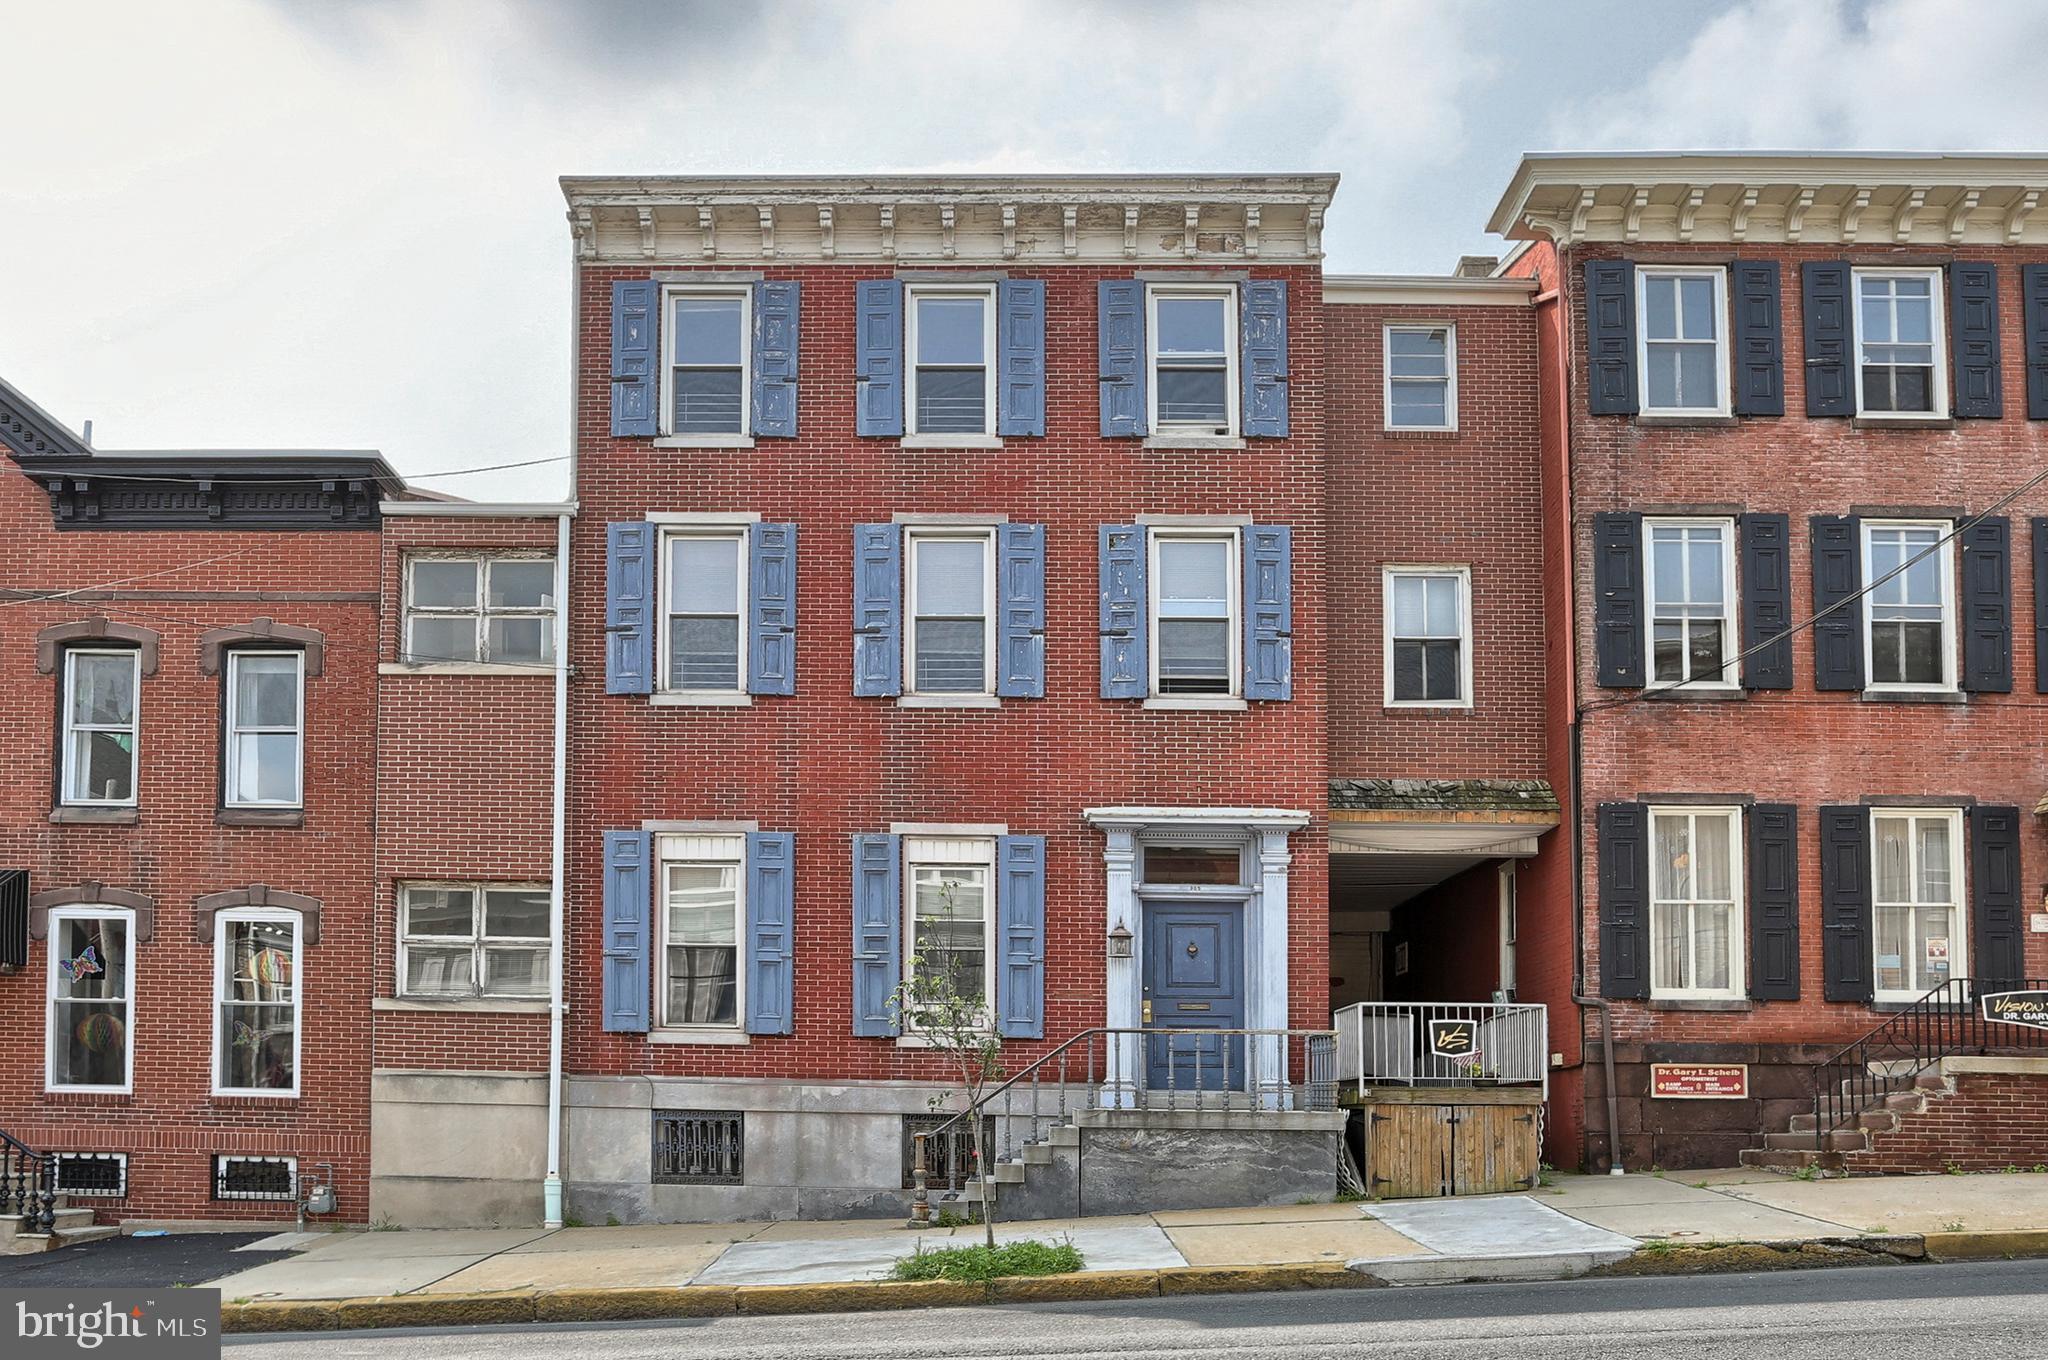 305 MAHANTONGO STREET, POTTSVILLE, PA 17901